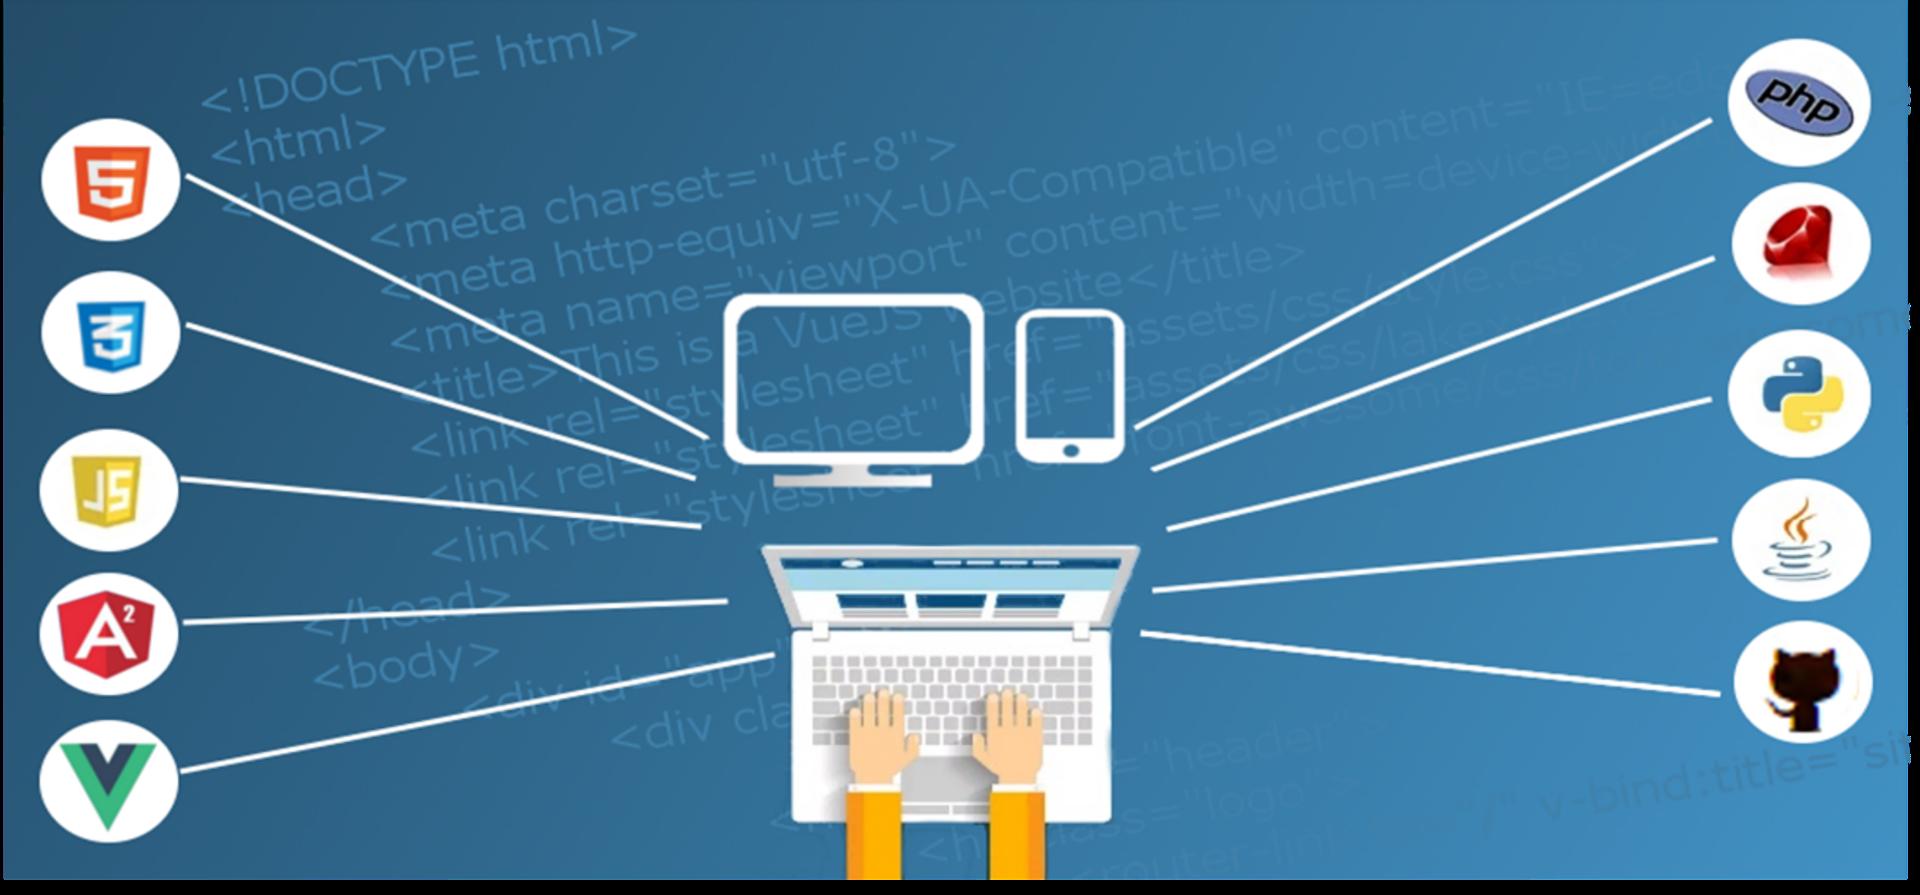 frameworks for web development